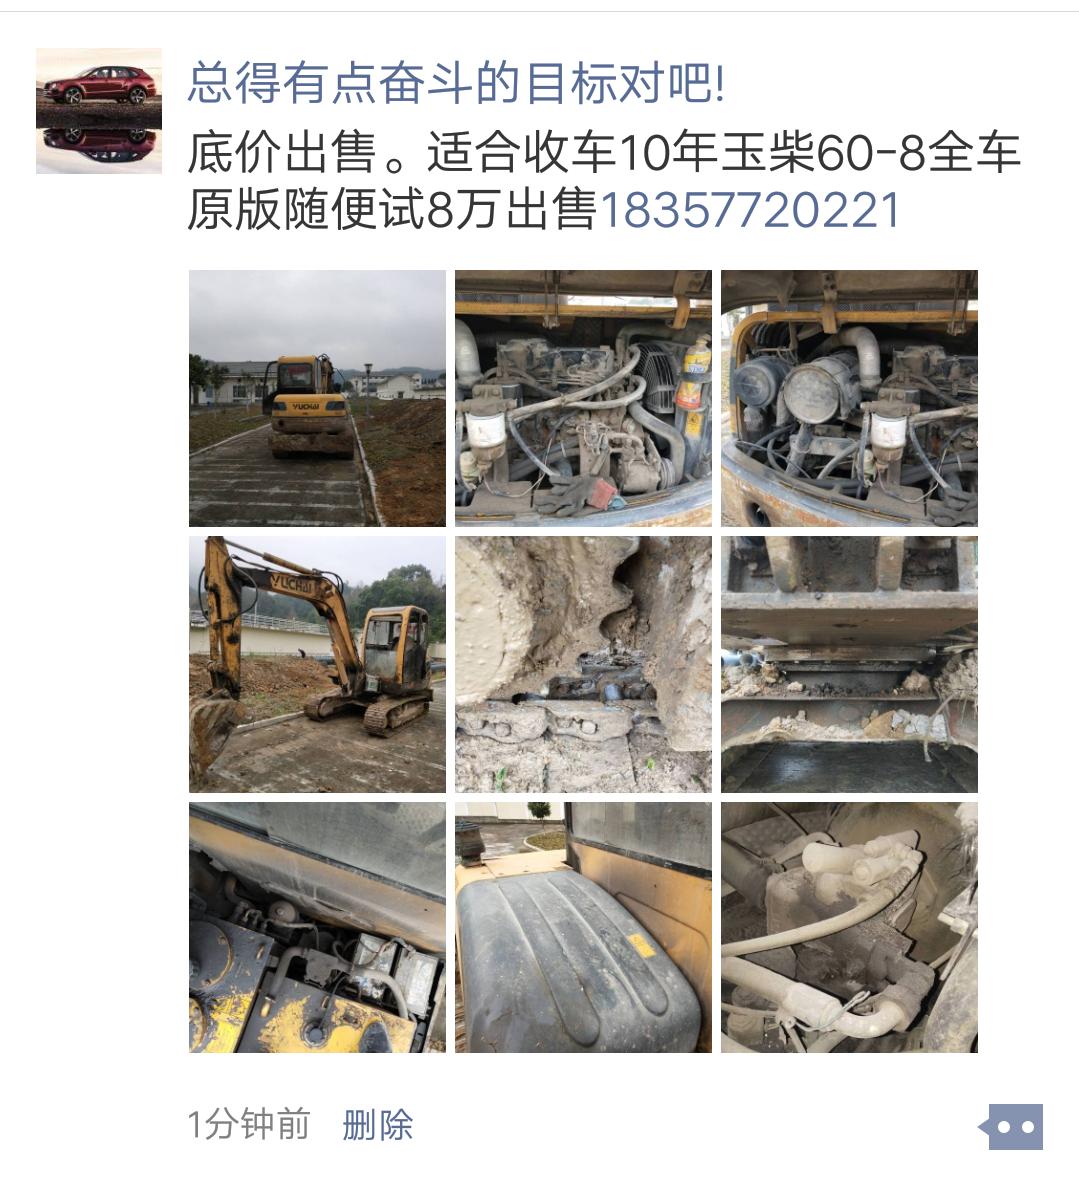 10年玉柴60-8出售浙江温州